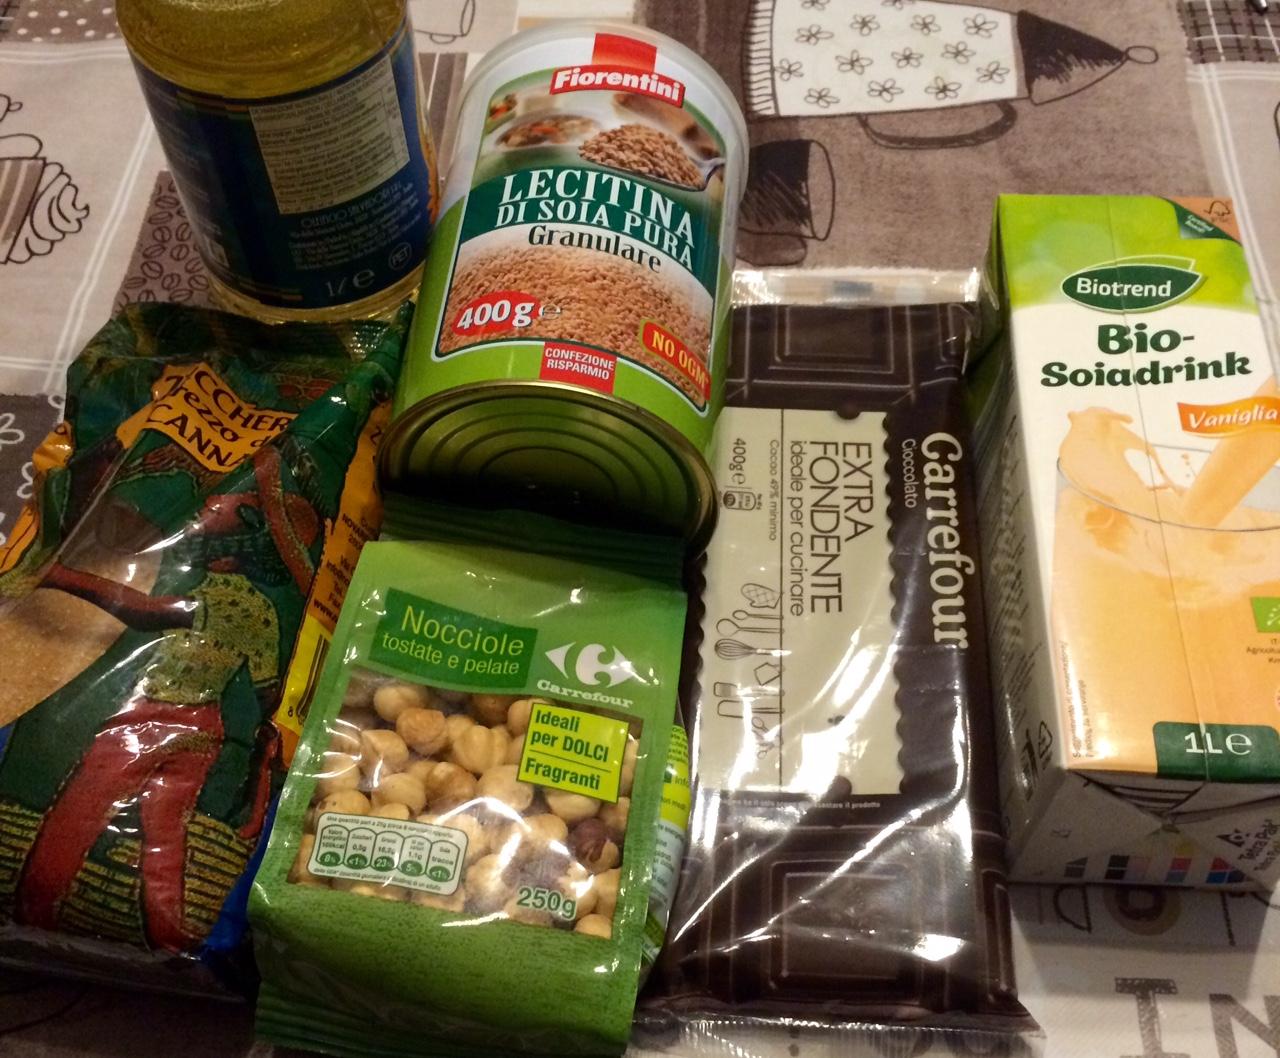 ricettevegan.org - crema alla nocciola vegan 1